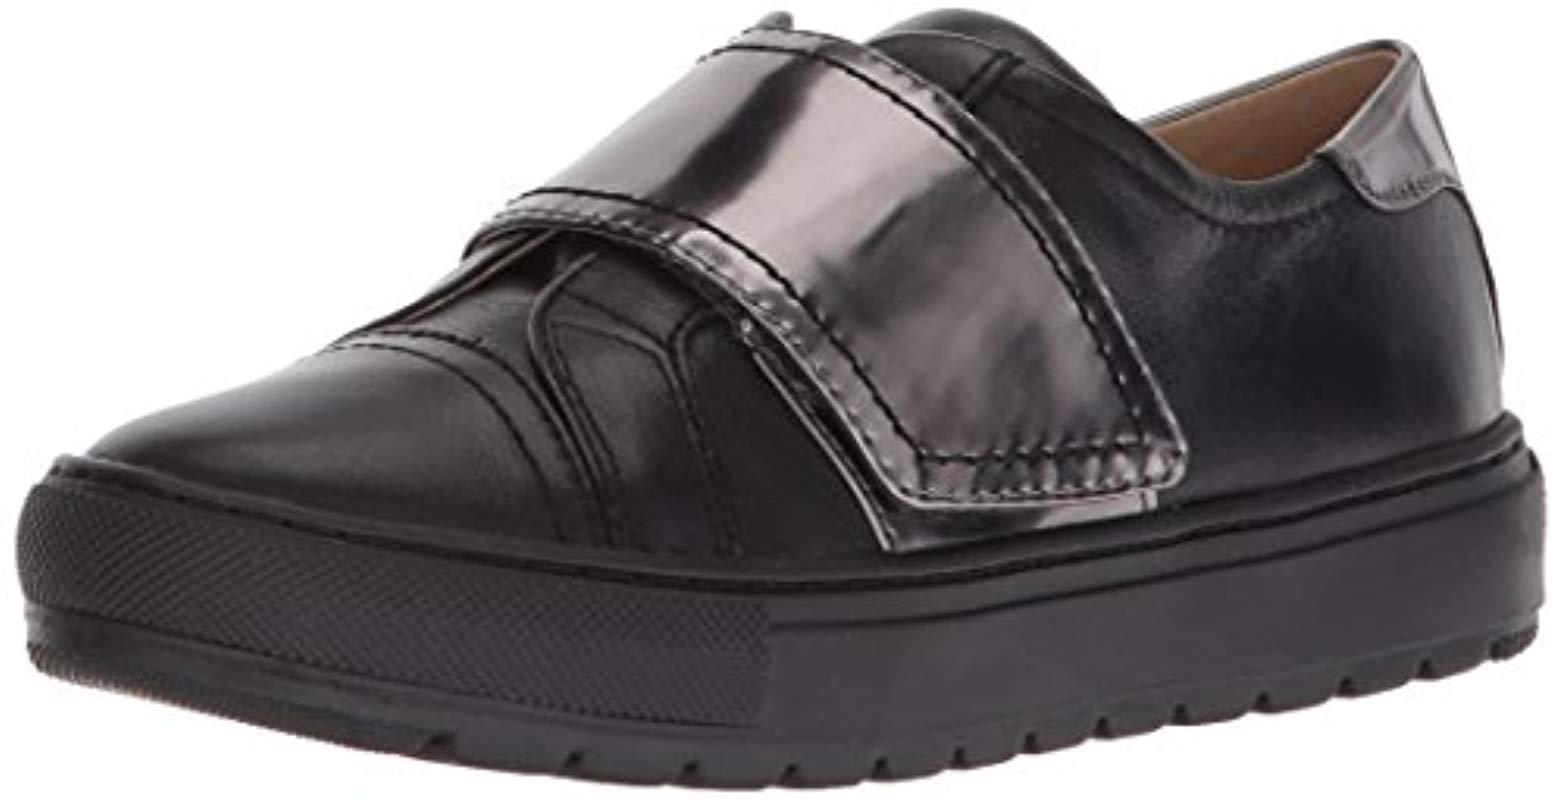 3b8685d039 Lyst - Geox Breeda 15 Sneaker in Black